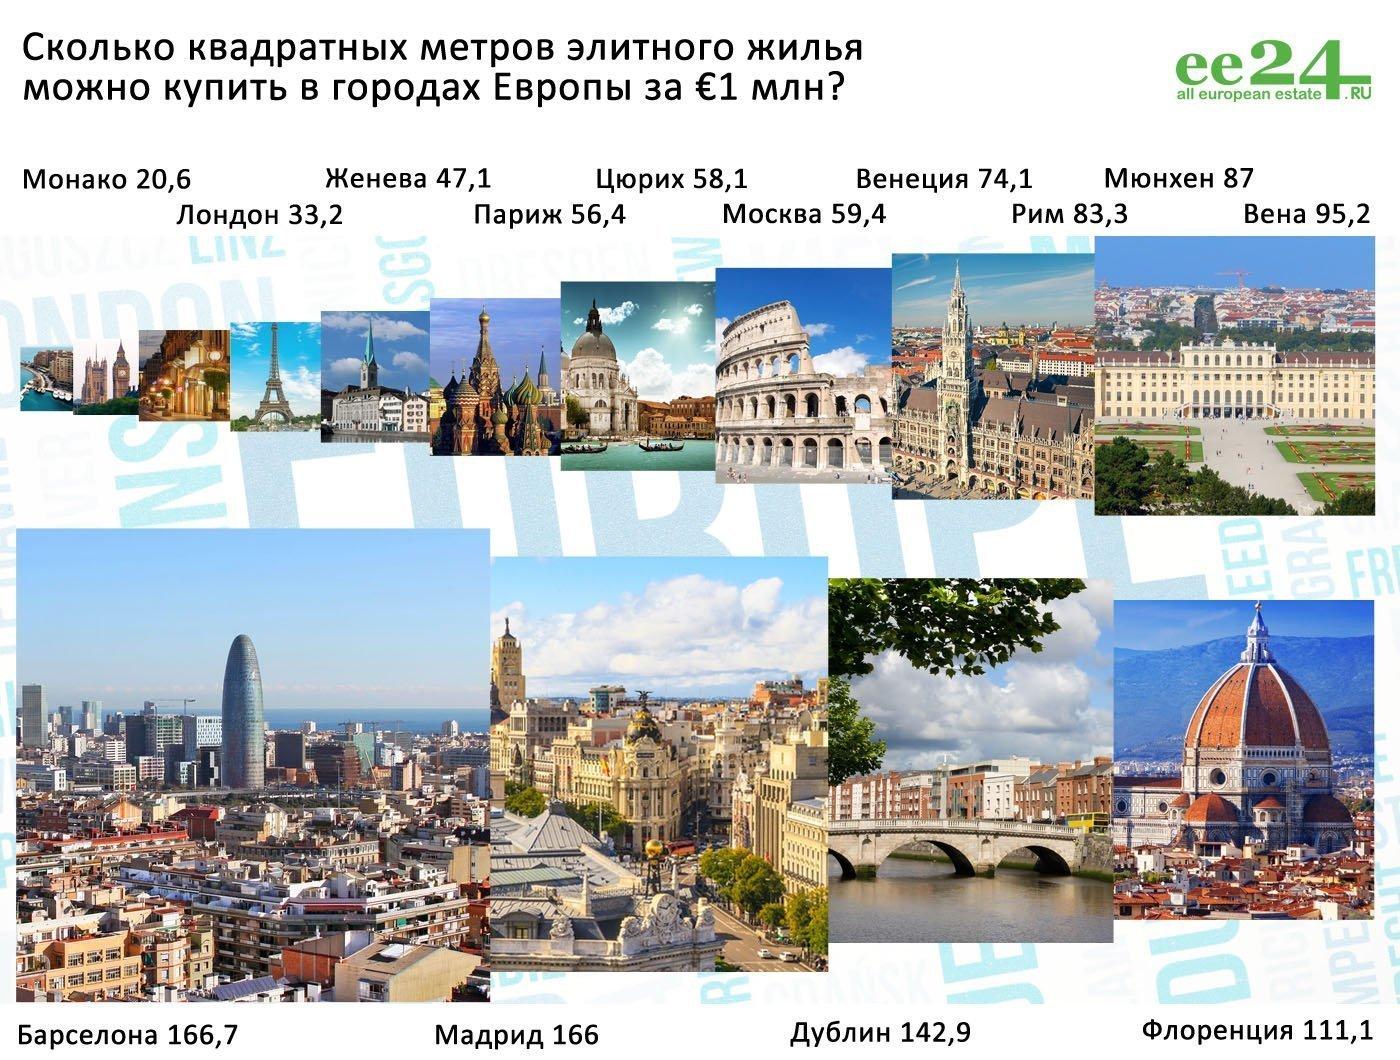 Европейская недвижимость: чем запомнится 2014 год   Фотография 11   ee24